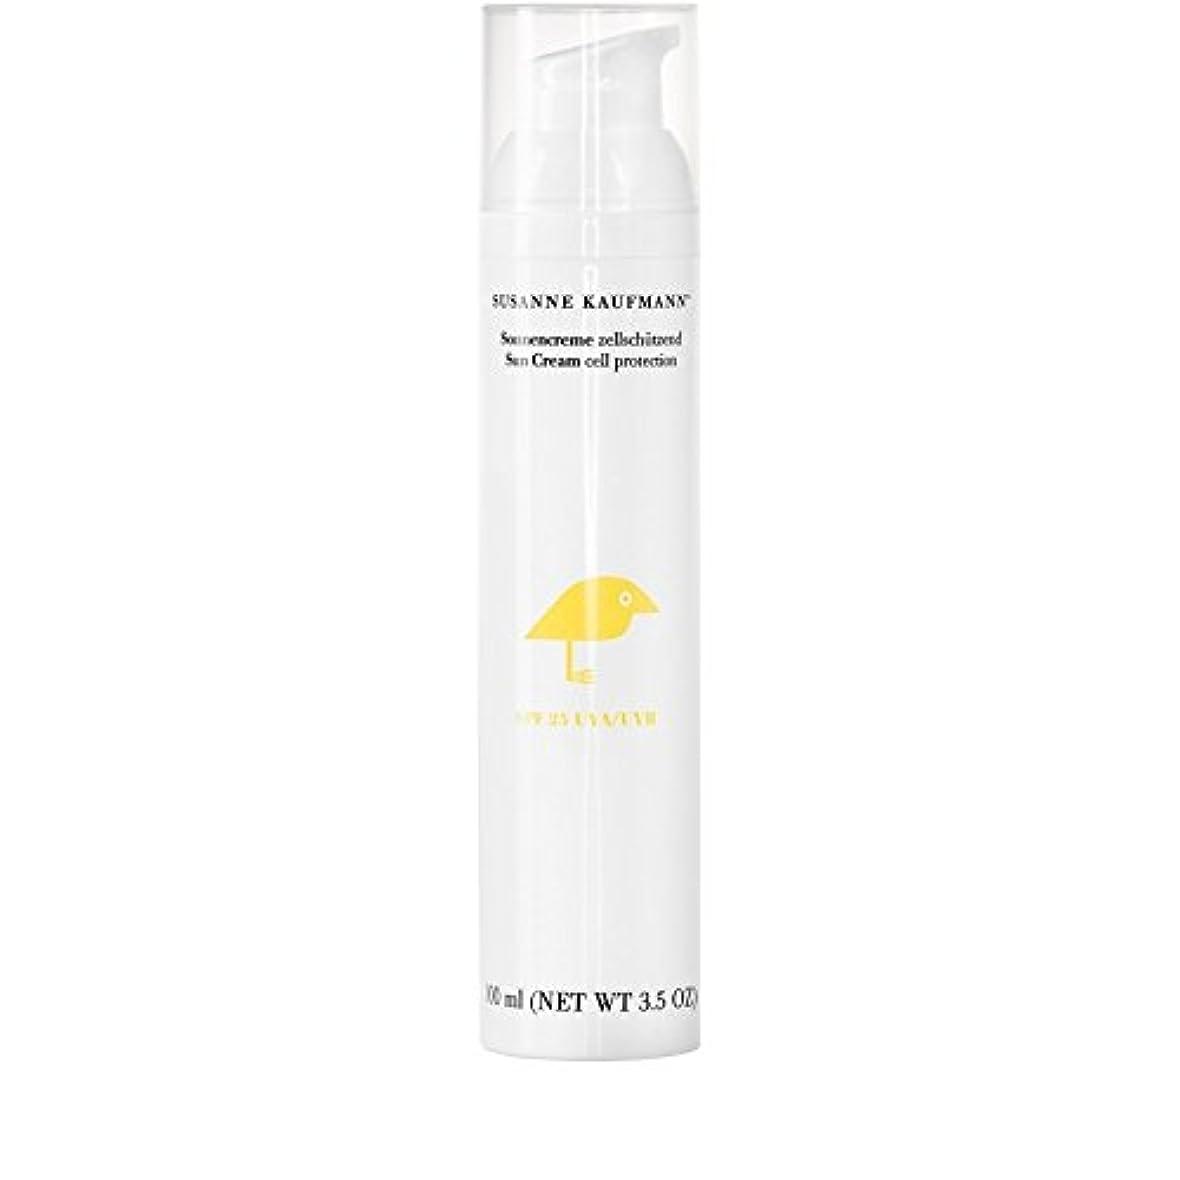 計算するアジアクモSusanne Kaufmann Cell Protection Sun Cream SPF25 100ml - スザンヌカウフマン細胞保護日クリーム25の100ミリリットル [並行輸入品]